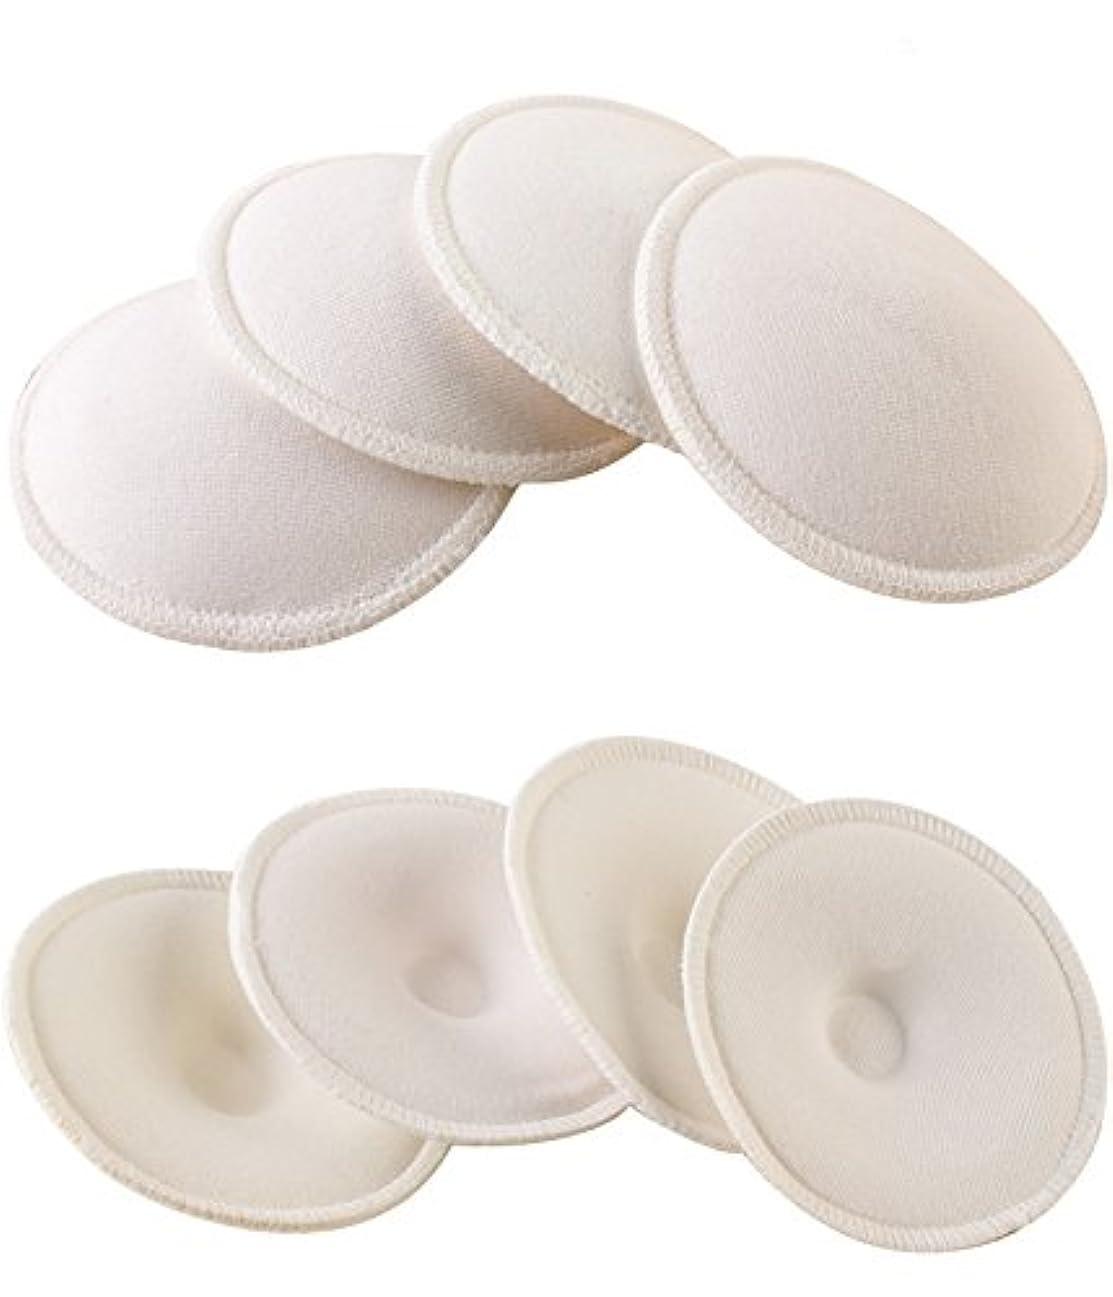 吸い込む承認はさみ(PINK17°) 肌に優しい タオル素材 母乳パッド 8枚入りと 16枚入りセット (8枚セット)